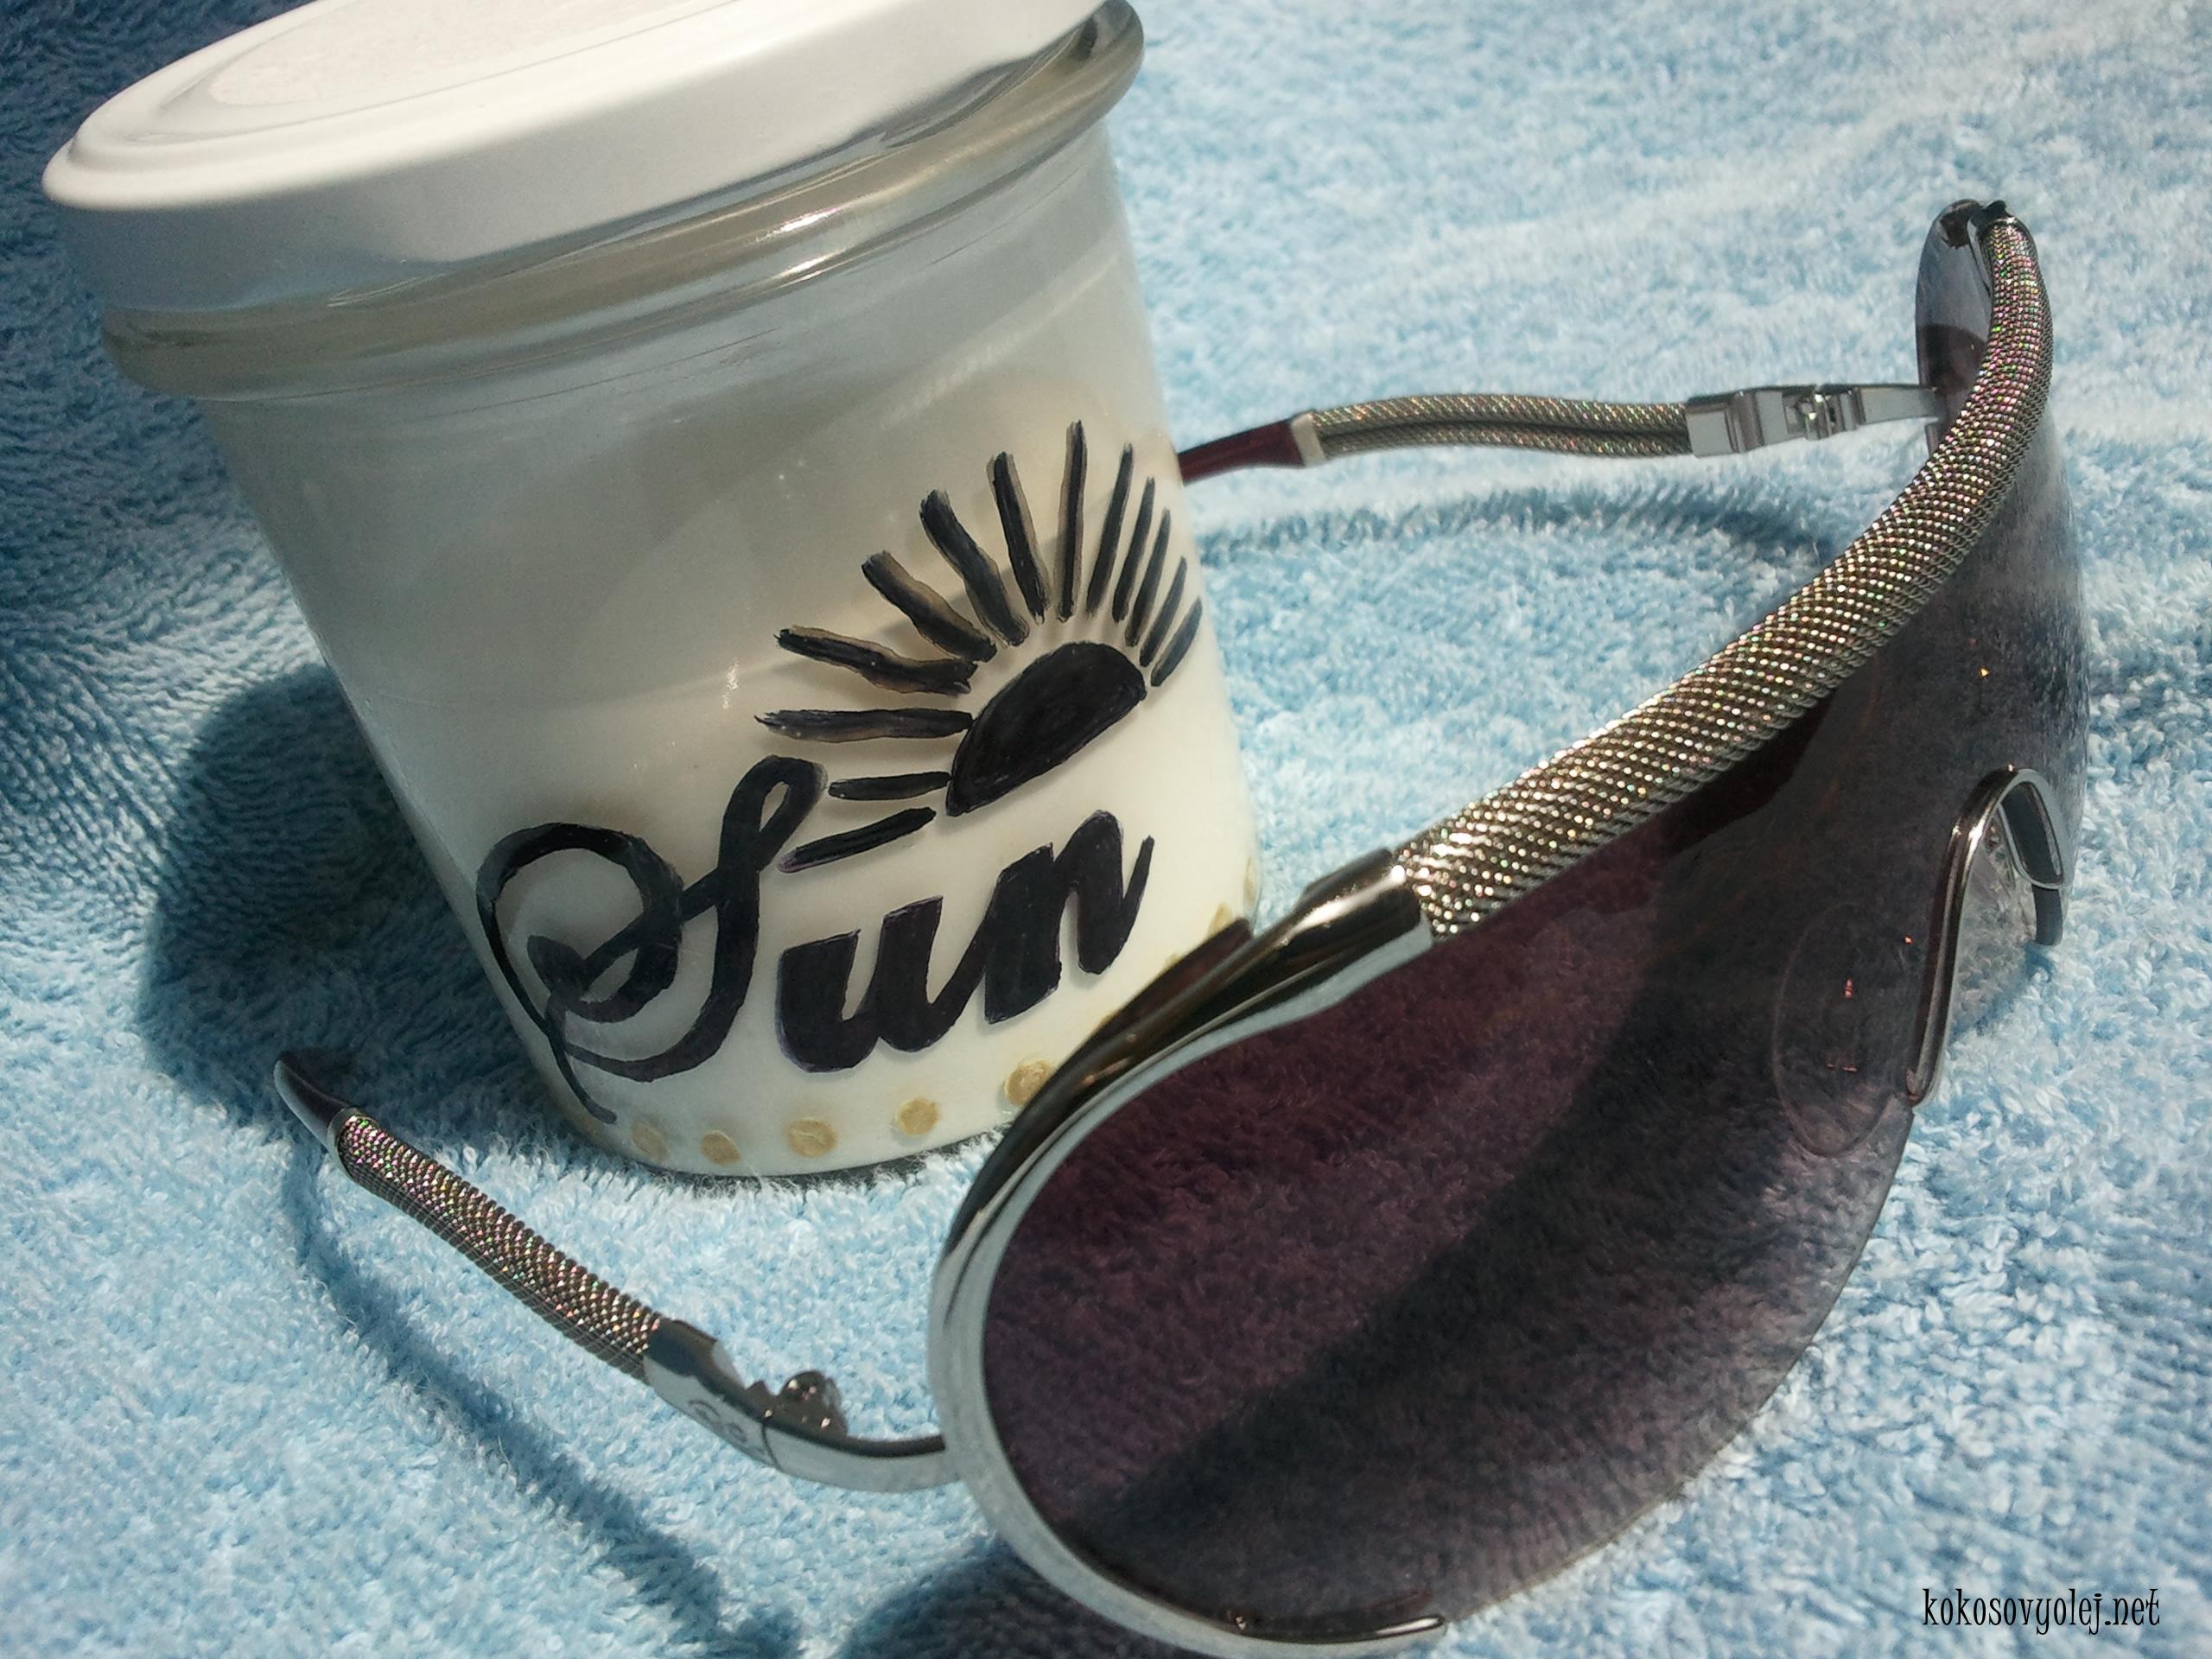 kokosový olej ako ochrana pred slnečným žiarením